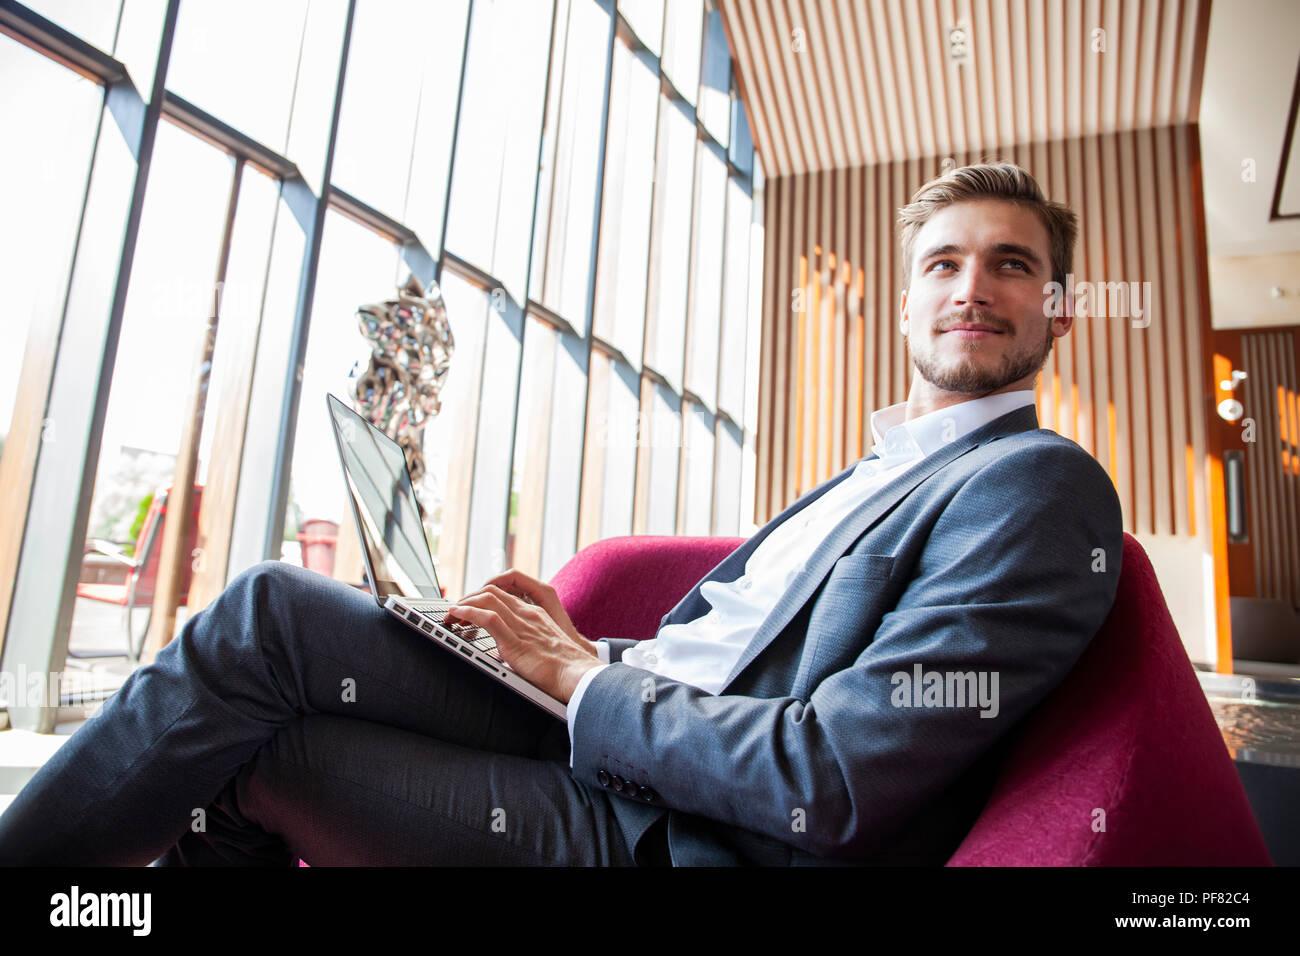 Joven empresario trabajando en el portátil, sentado en el vestíbulo del hotel esperando a alguien. Imagen De Stock